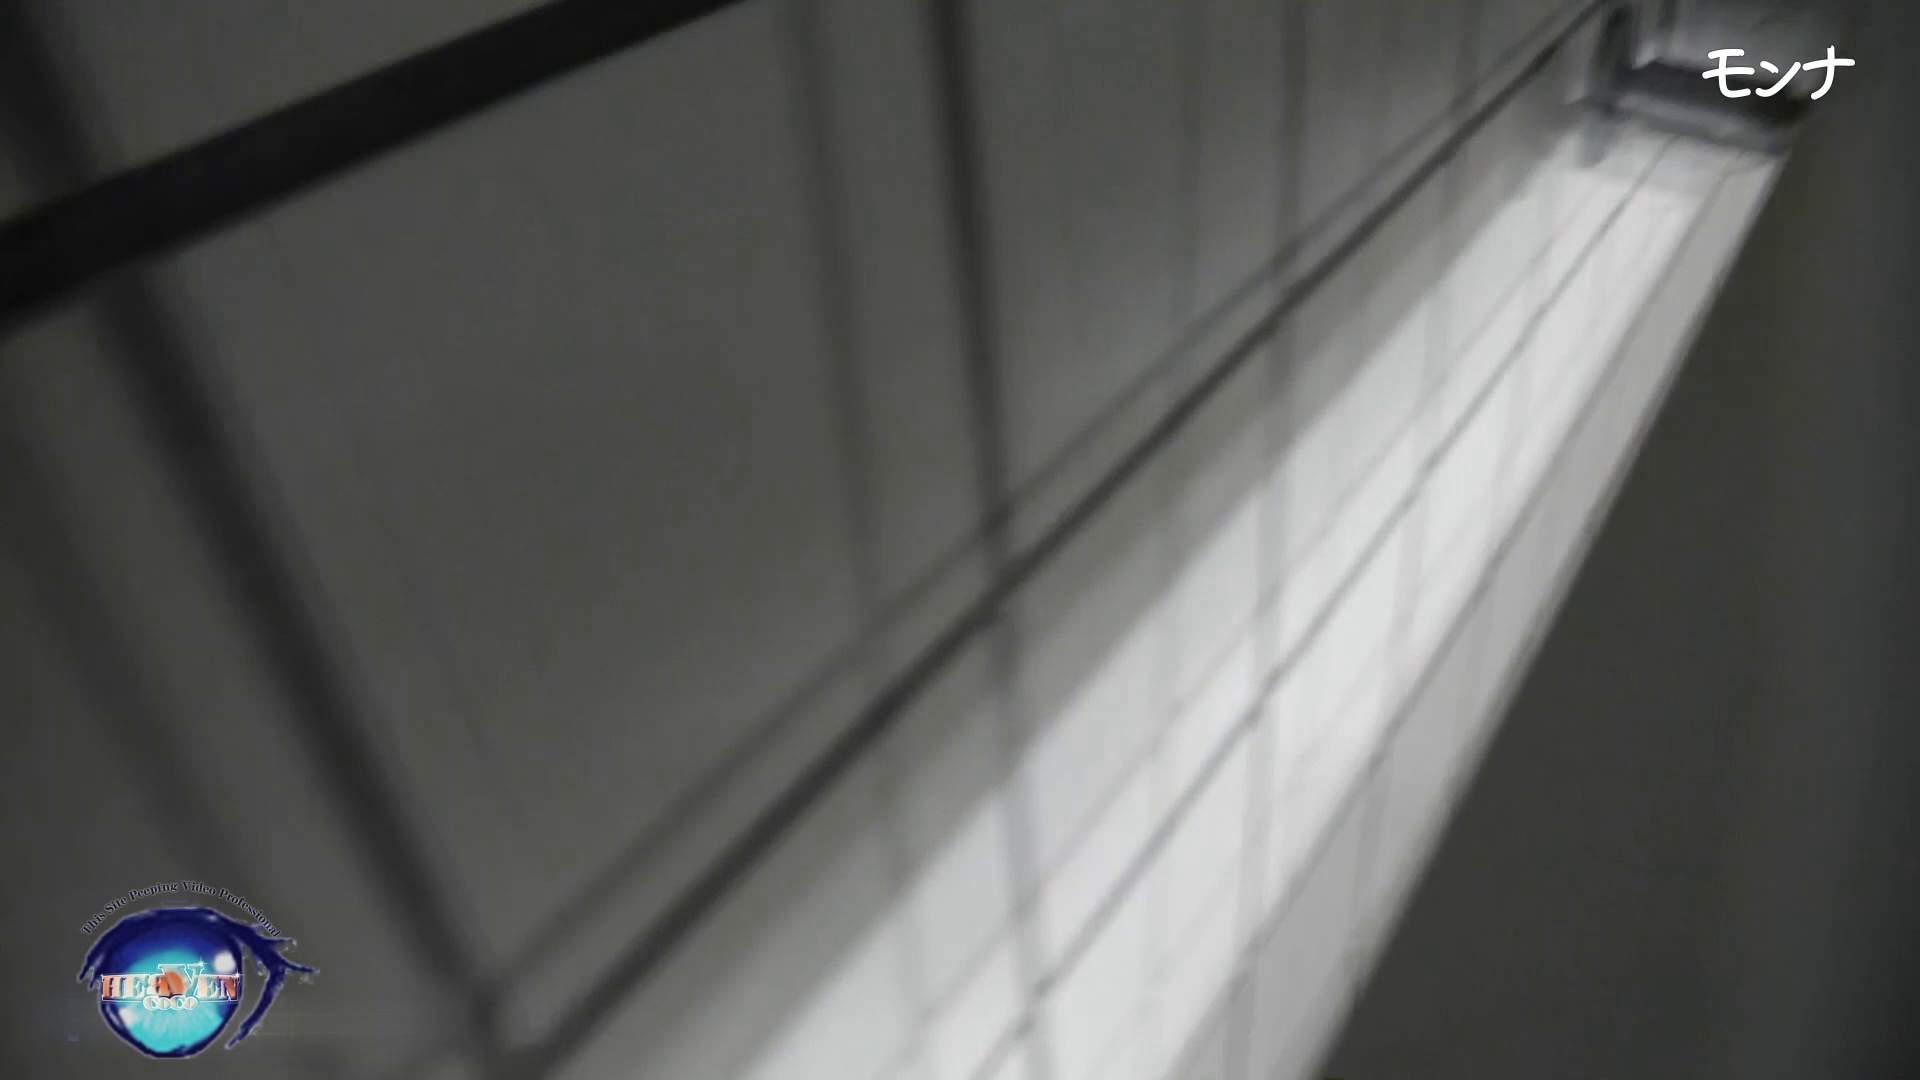 【美しい日本の未来】美しい日本の未来 No.74 盗撮  110連発 100